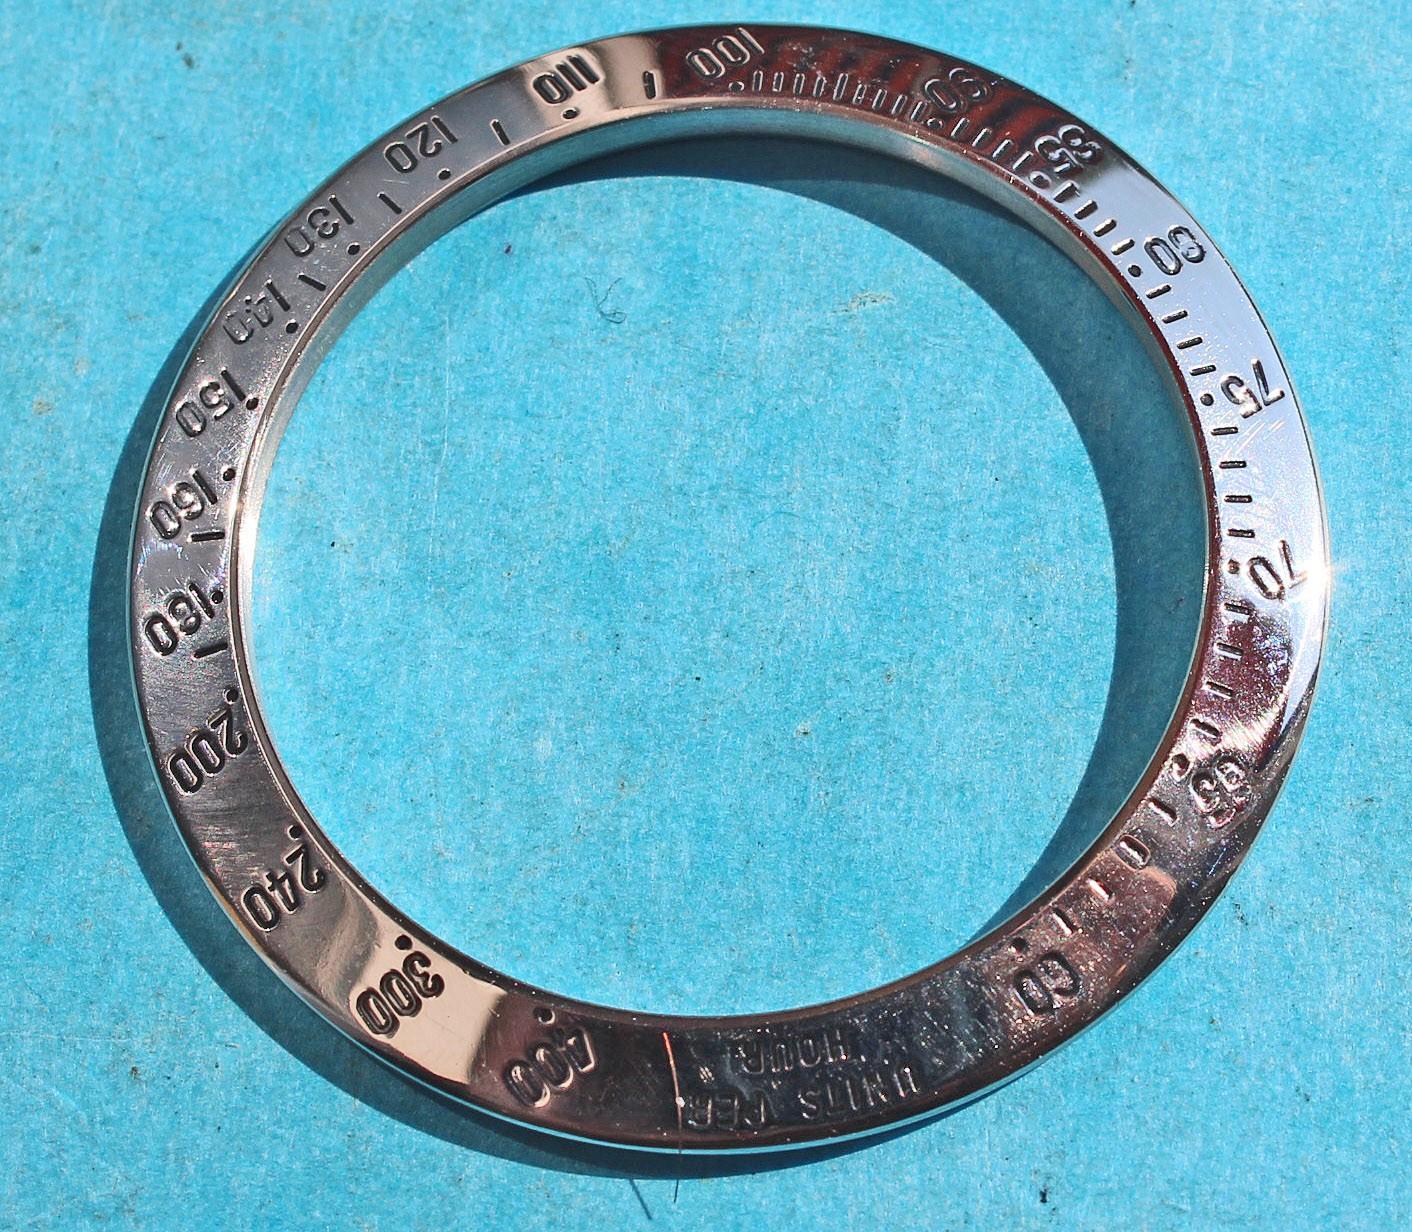 ROLEX ORIGINALE LUNETTE GRAVÉE ACIER TACHYMETRE MONTRES COSMOGRAPH DAYTONA 16520, 116520